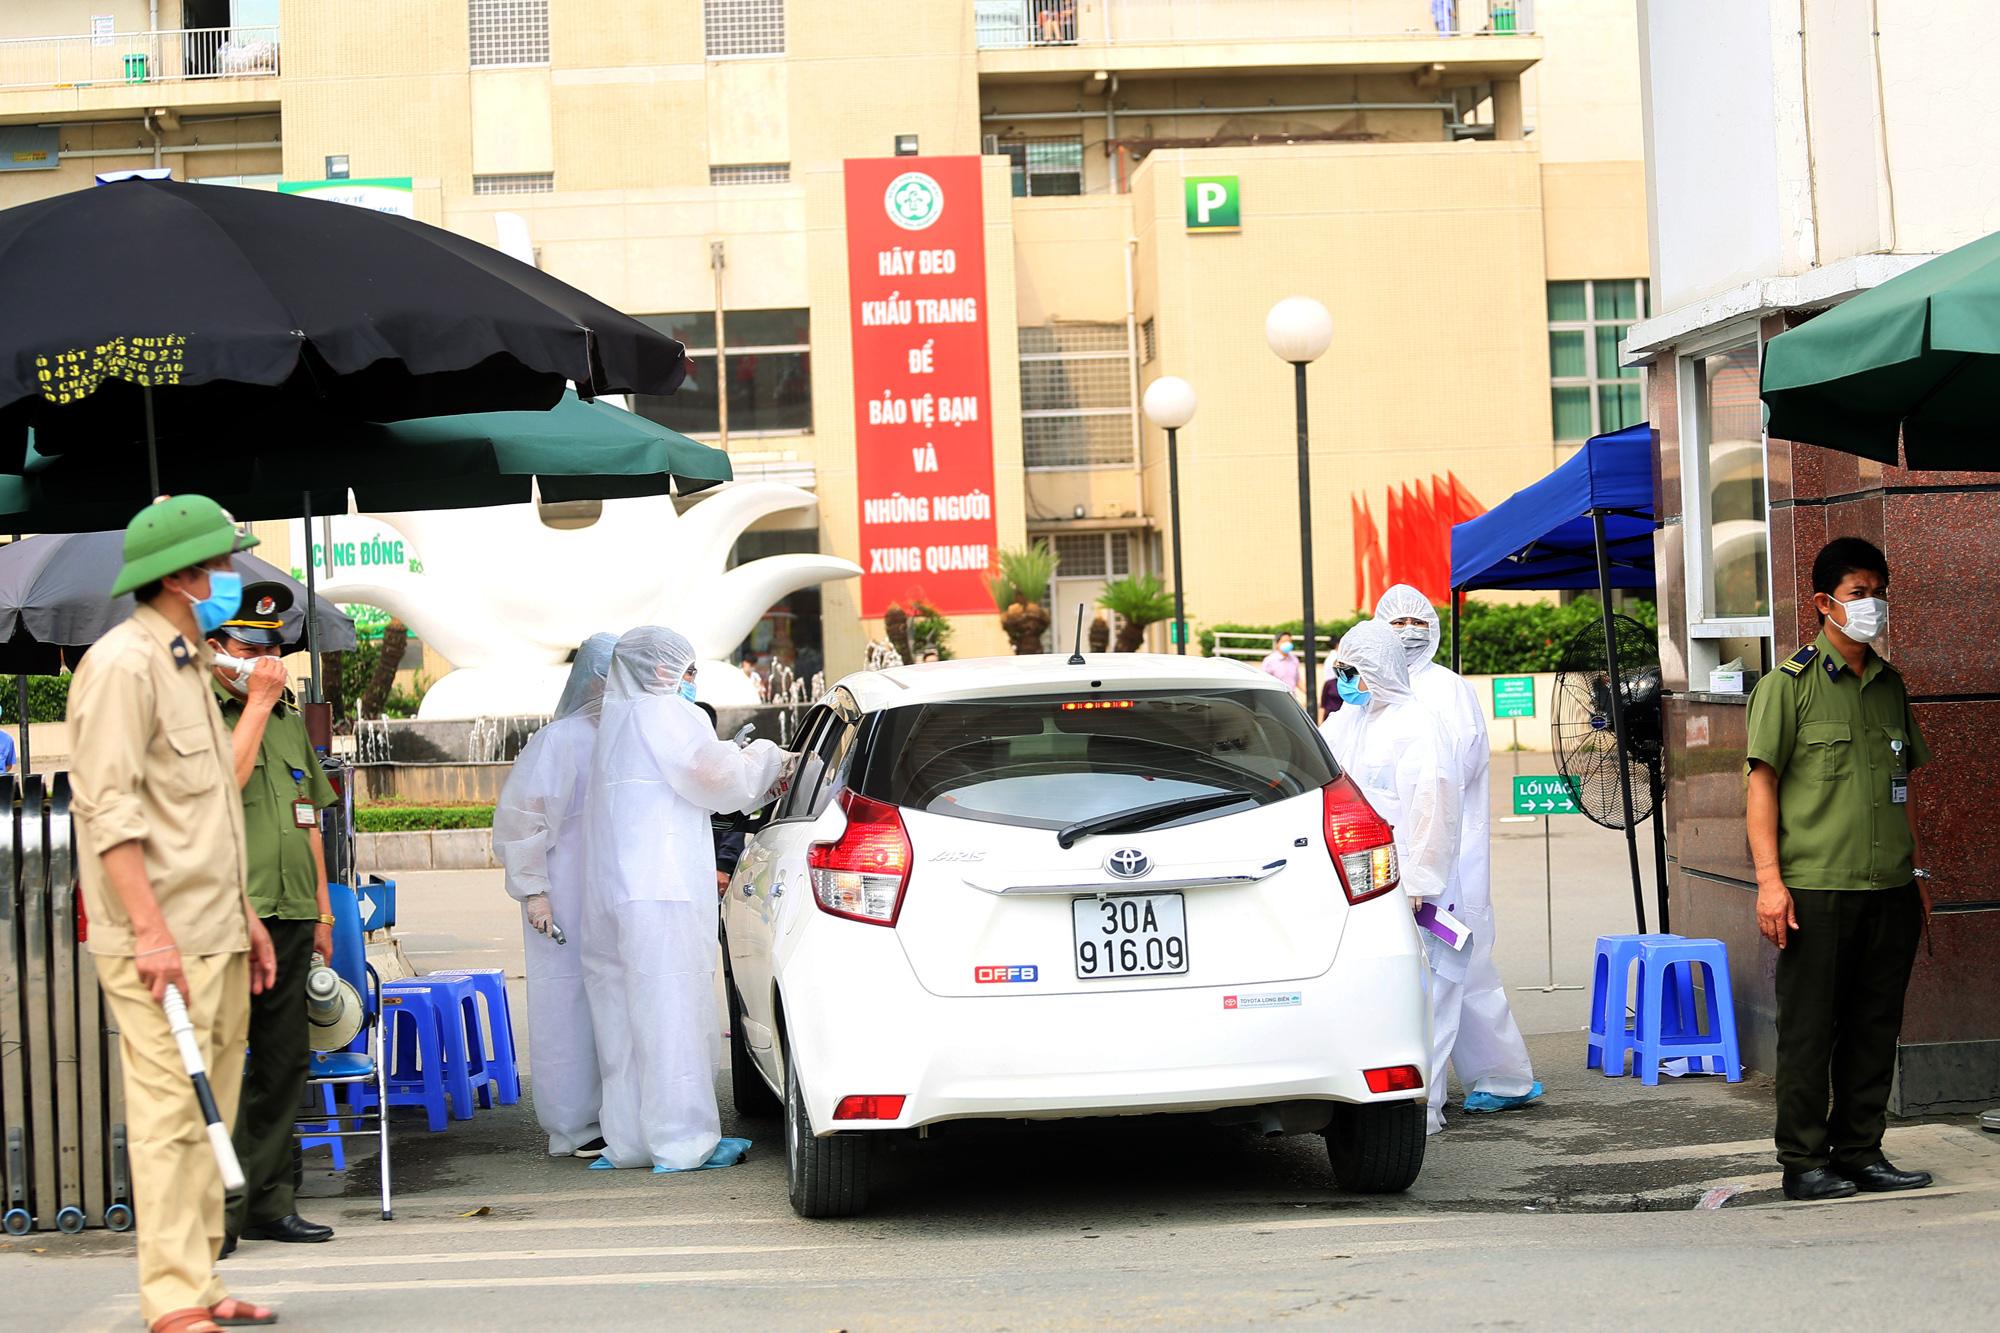 Kiểm soát người ra vào bệnh viện Bạch Mai sau khi phát hiện nhiều ca nhiễm Covid-19 - Ảnh 7.